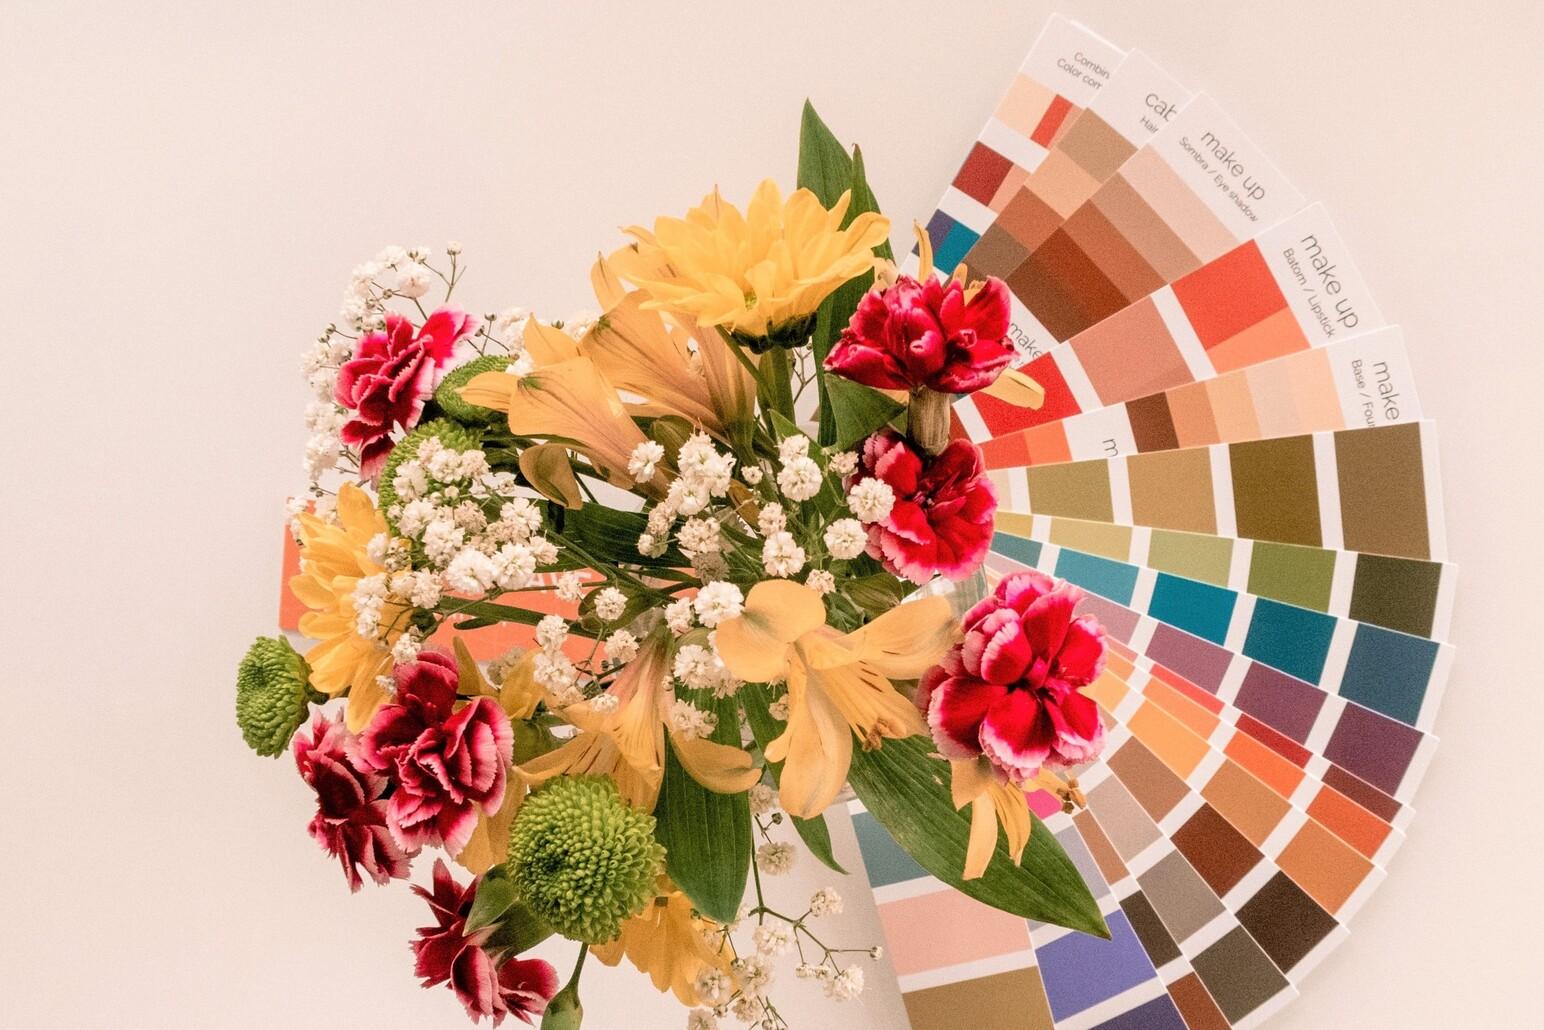 โทนสีงานแต่งงาน wedding color schemes จัดงานแต่ง กรุงเทพ ปทุมธานี นนทบุรี เวดดิ้งแพลนเนอร์ wedding planner bangkok